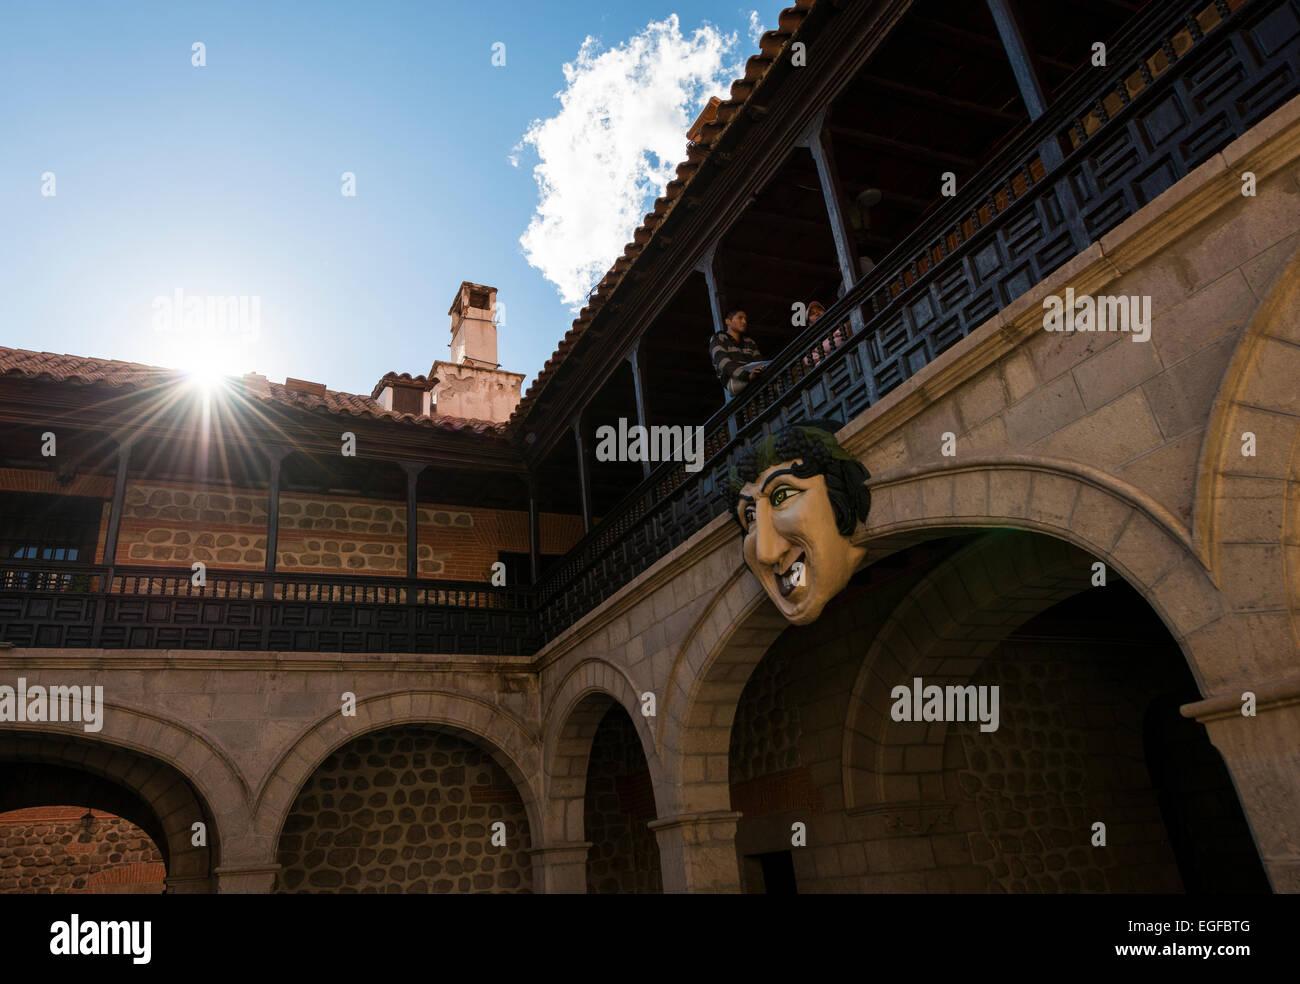 El Mascarón, Casa Real de la Moneda, Potosi, Southern Altiplano, Bolivia - Stock Image